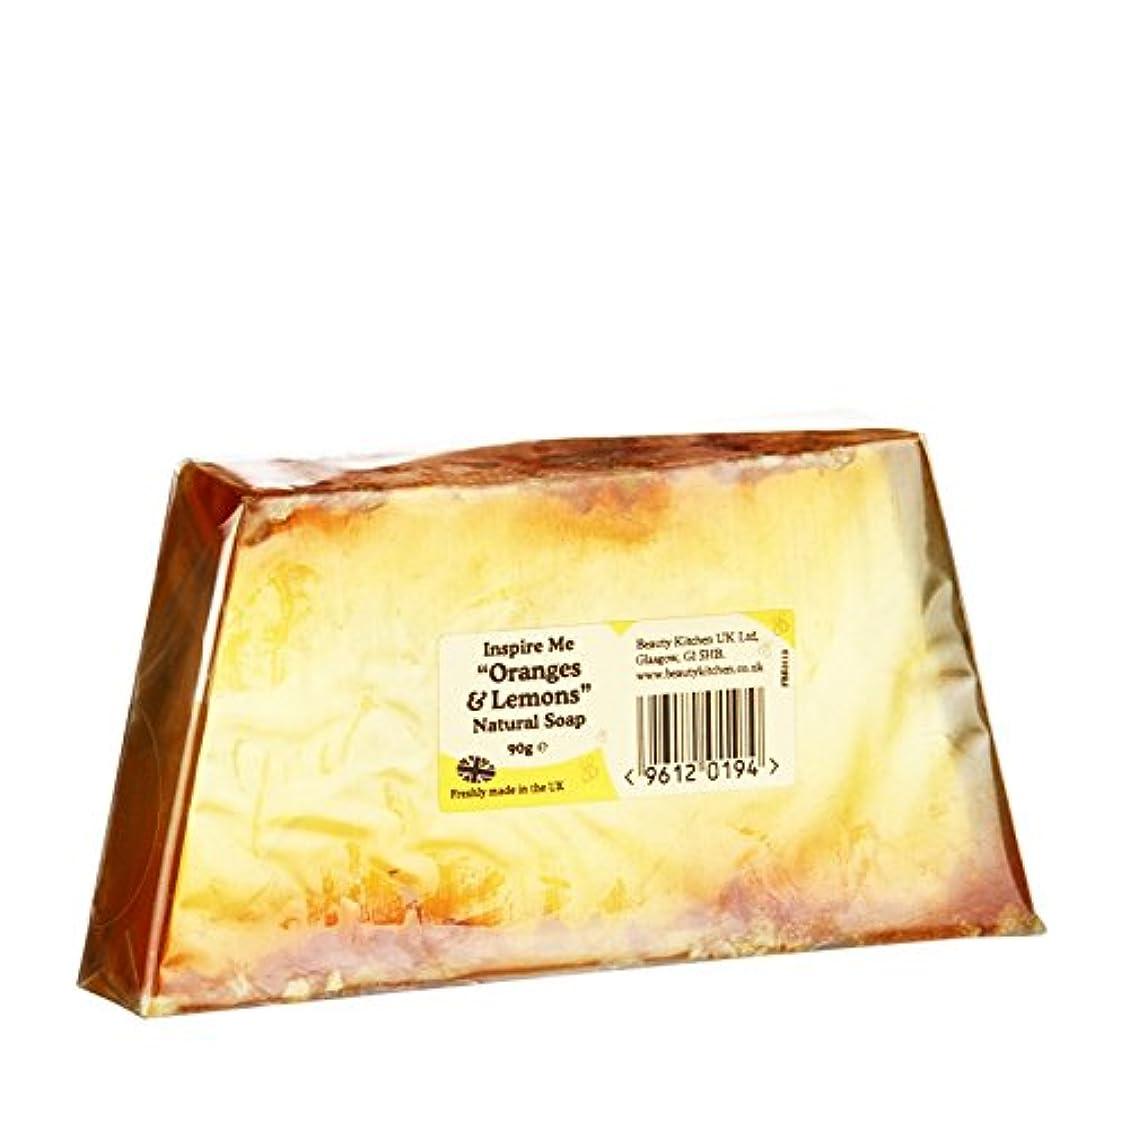 流行している読者略すBeauty Kitchen Inspire Me Orange & Lemon Natural Soap 90g (Pack of 6) - 美しさのキッチンは私がオレンジ&レモンの天然石鹸90グラム鼓舞します (x6...